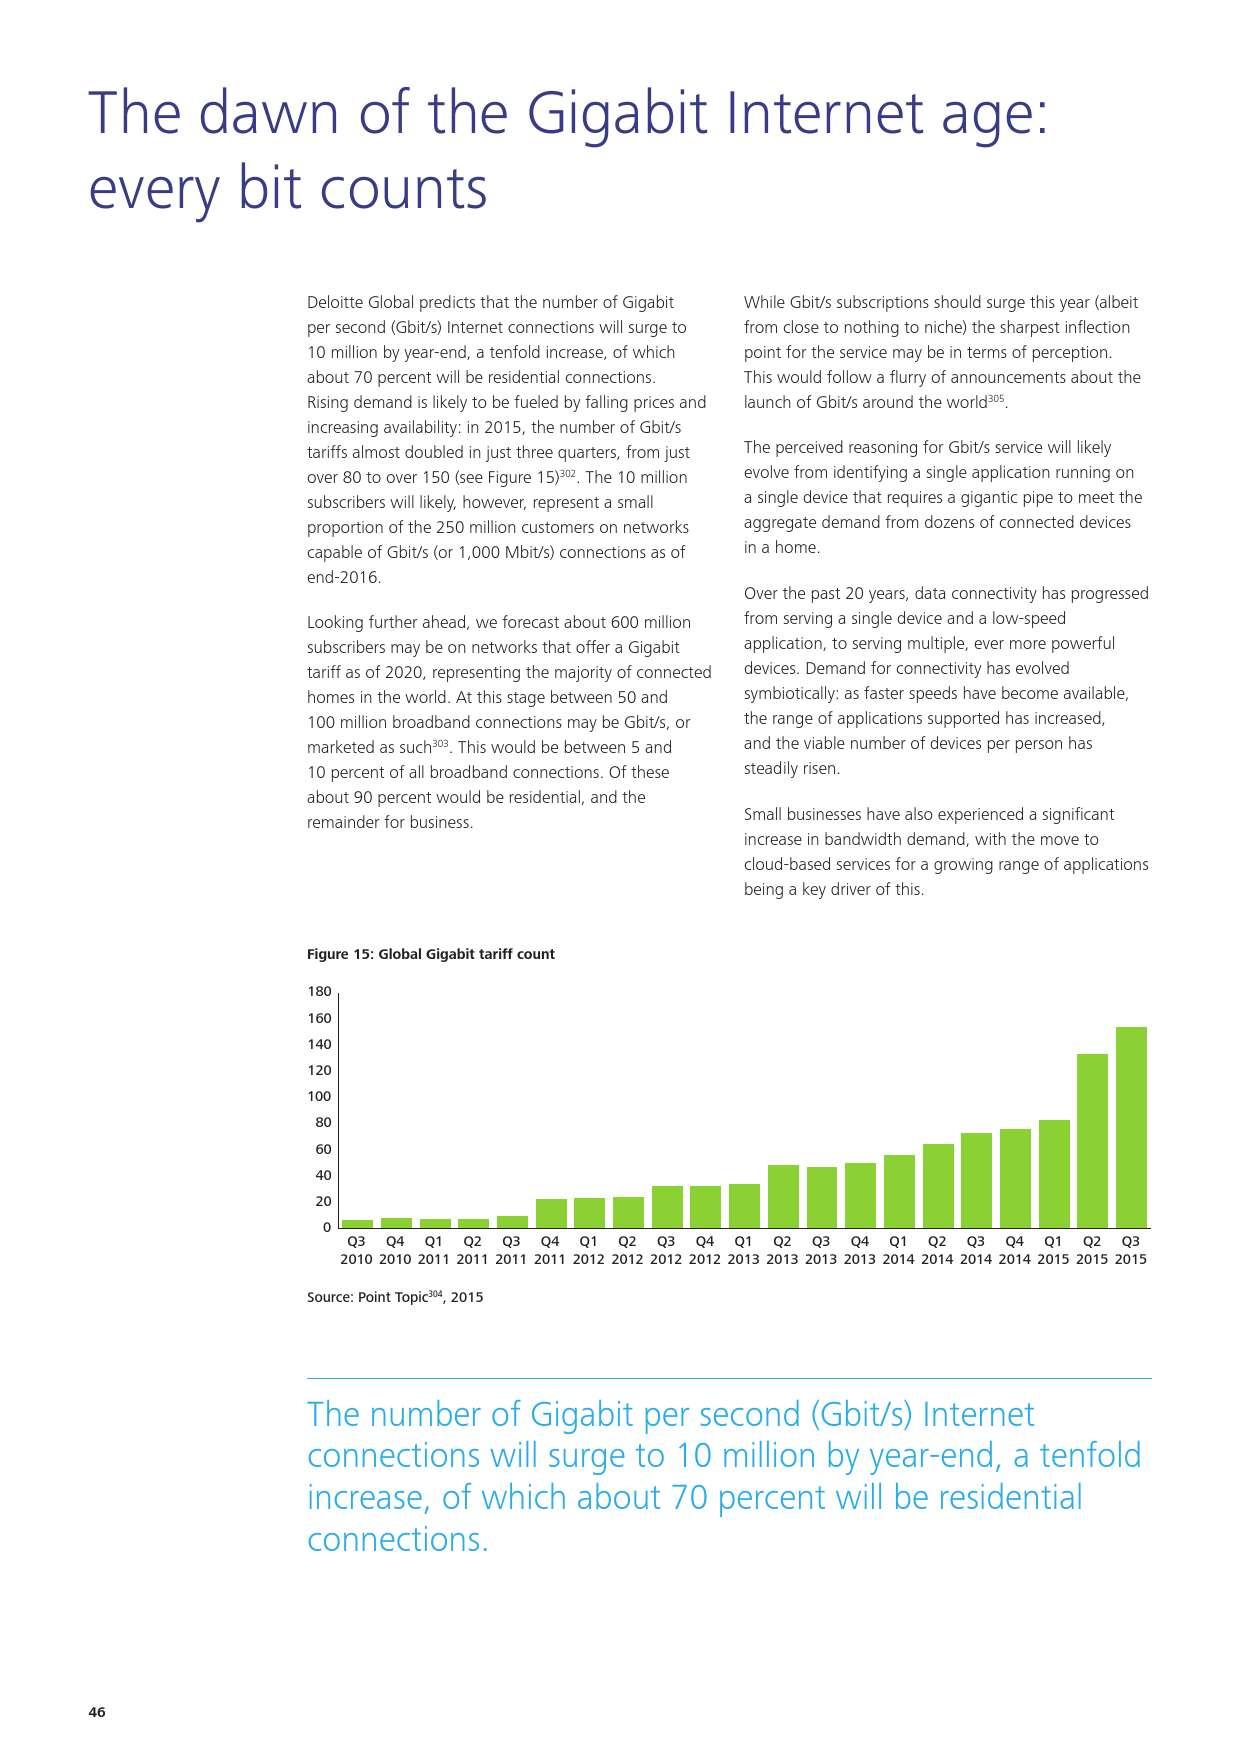 德勤:2016科技、传媒和电信行业预测_000048